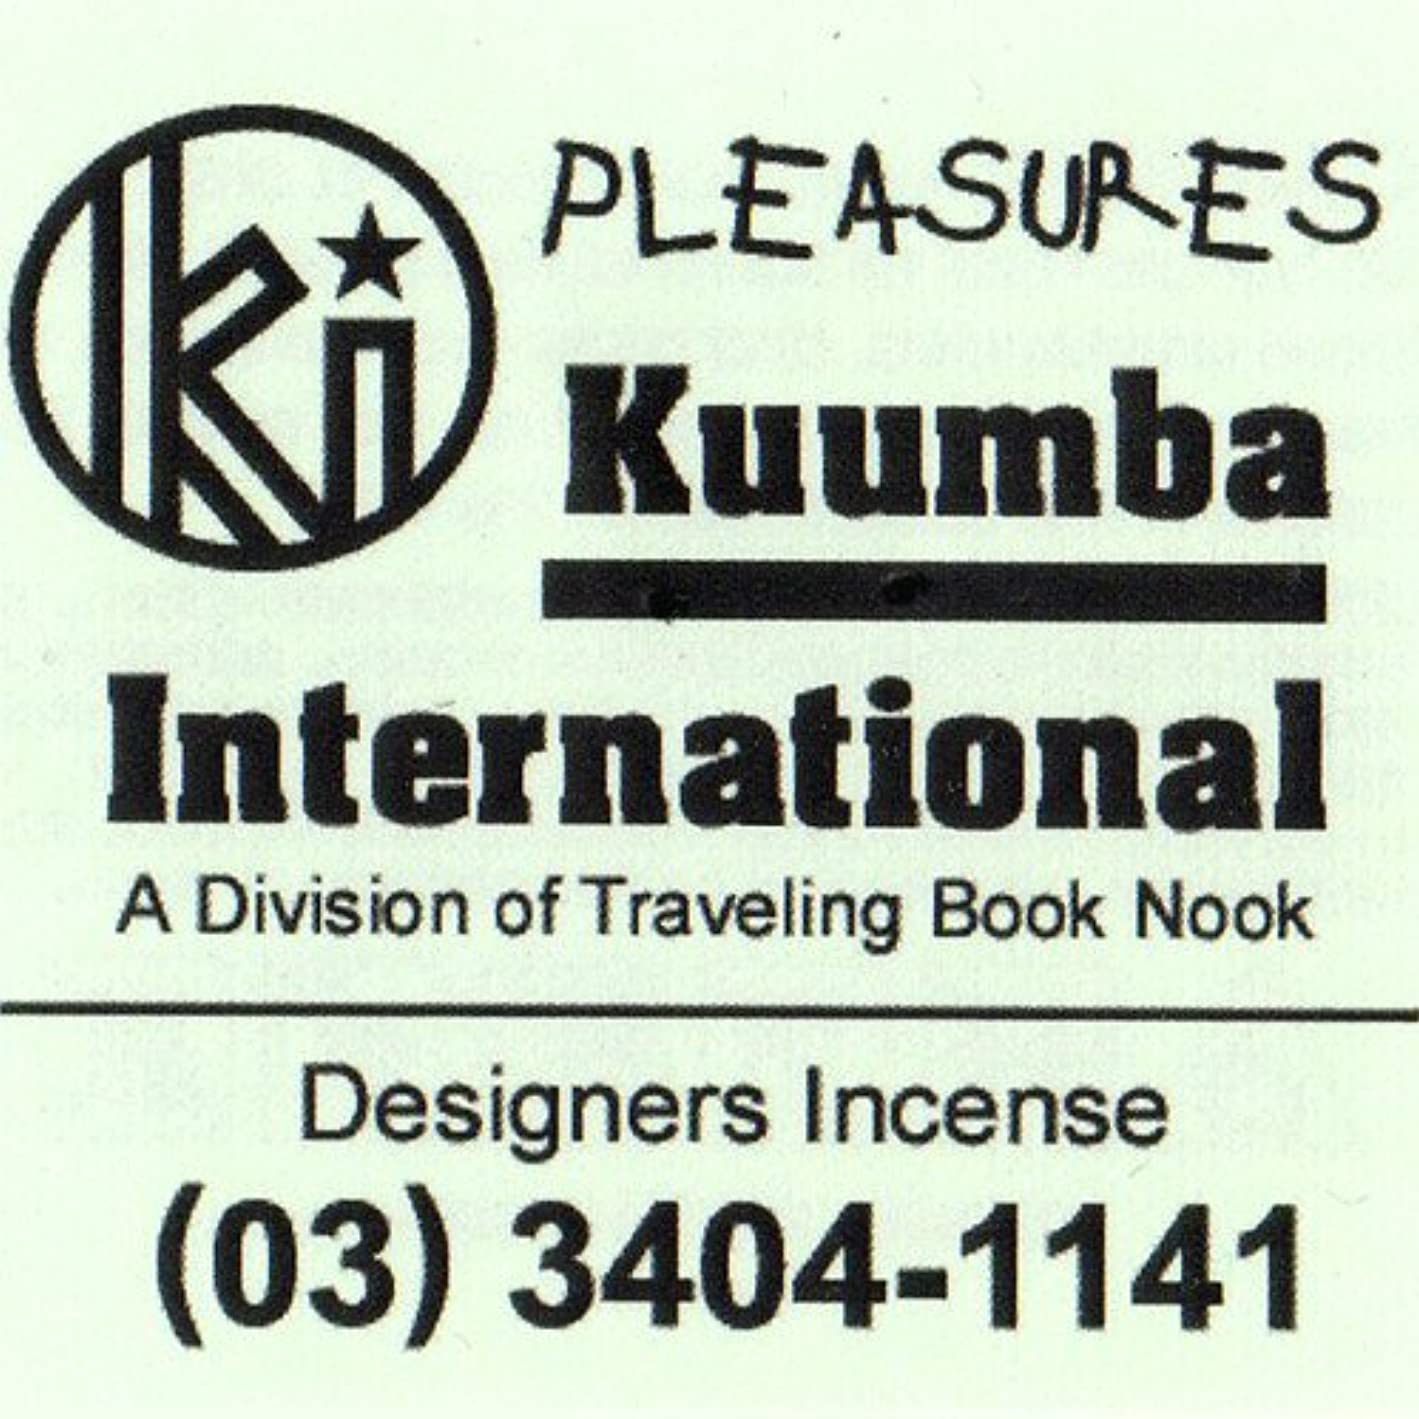 操作聡明退屈KUUMBA/クンバ『incense』(PLEASURES) (Regular size)